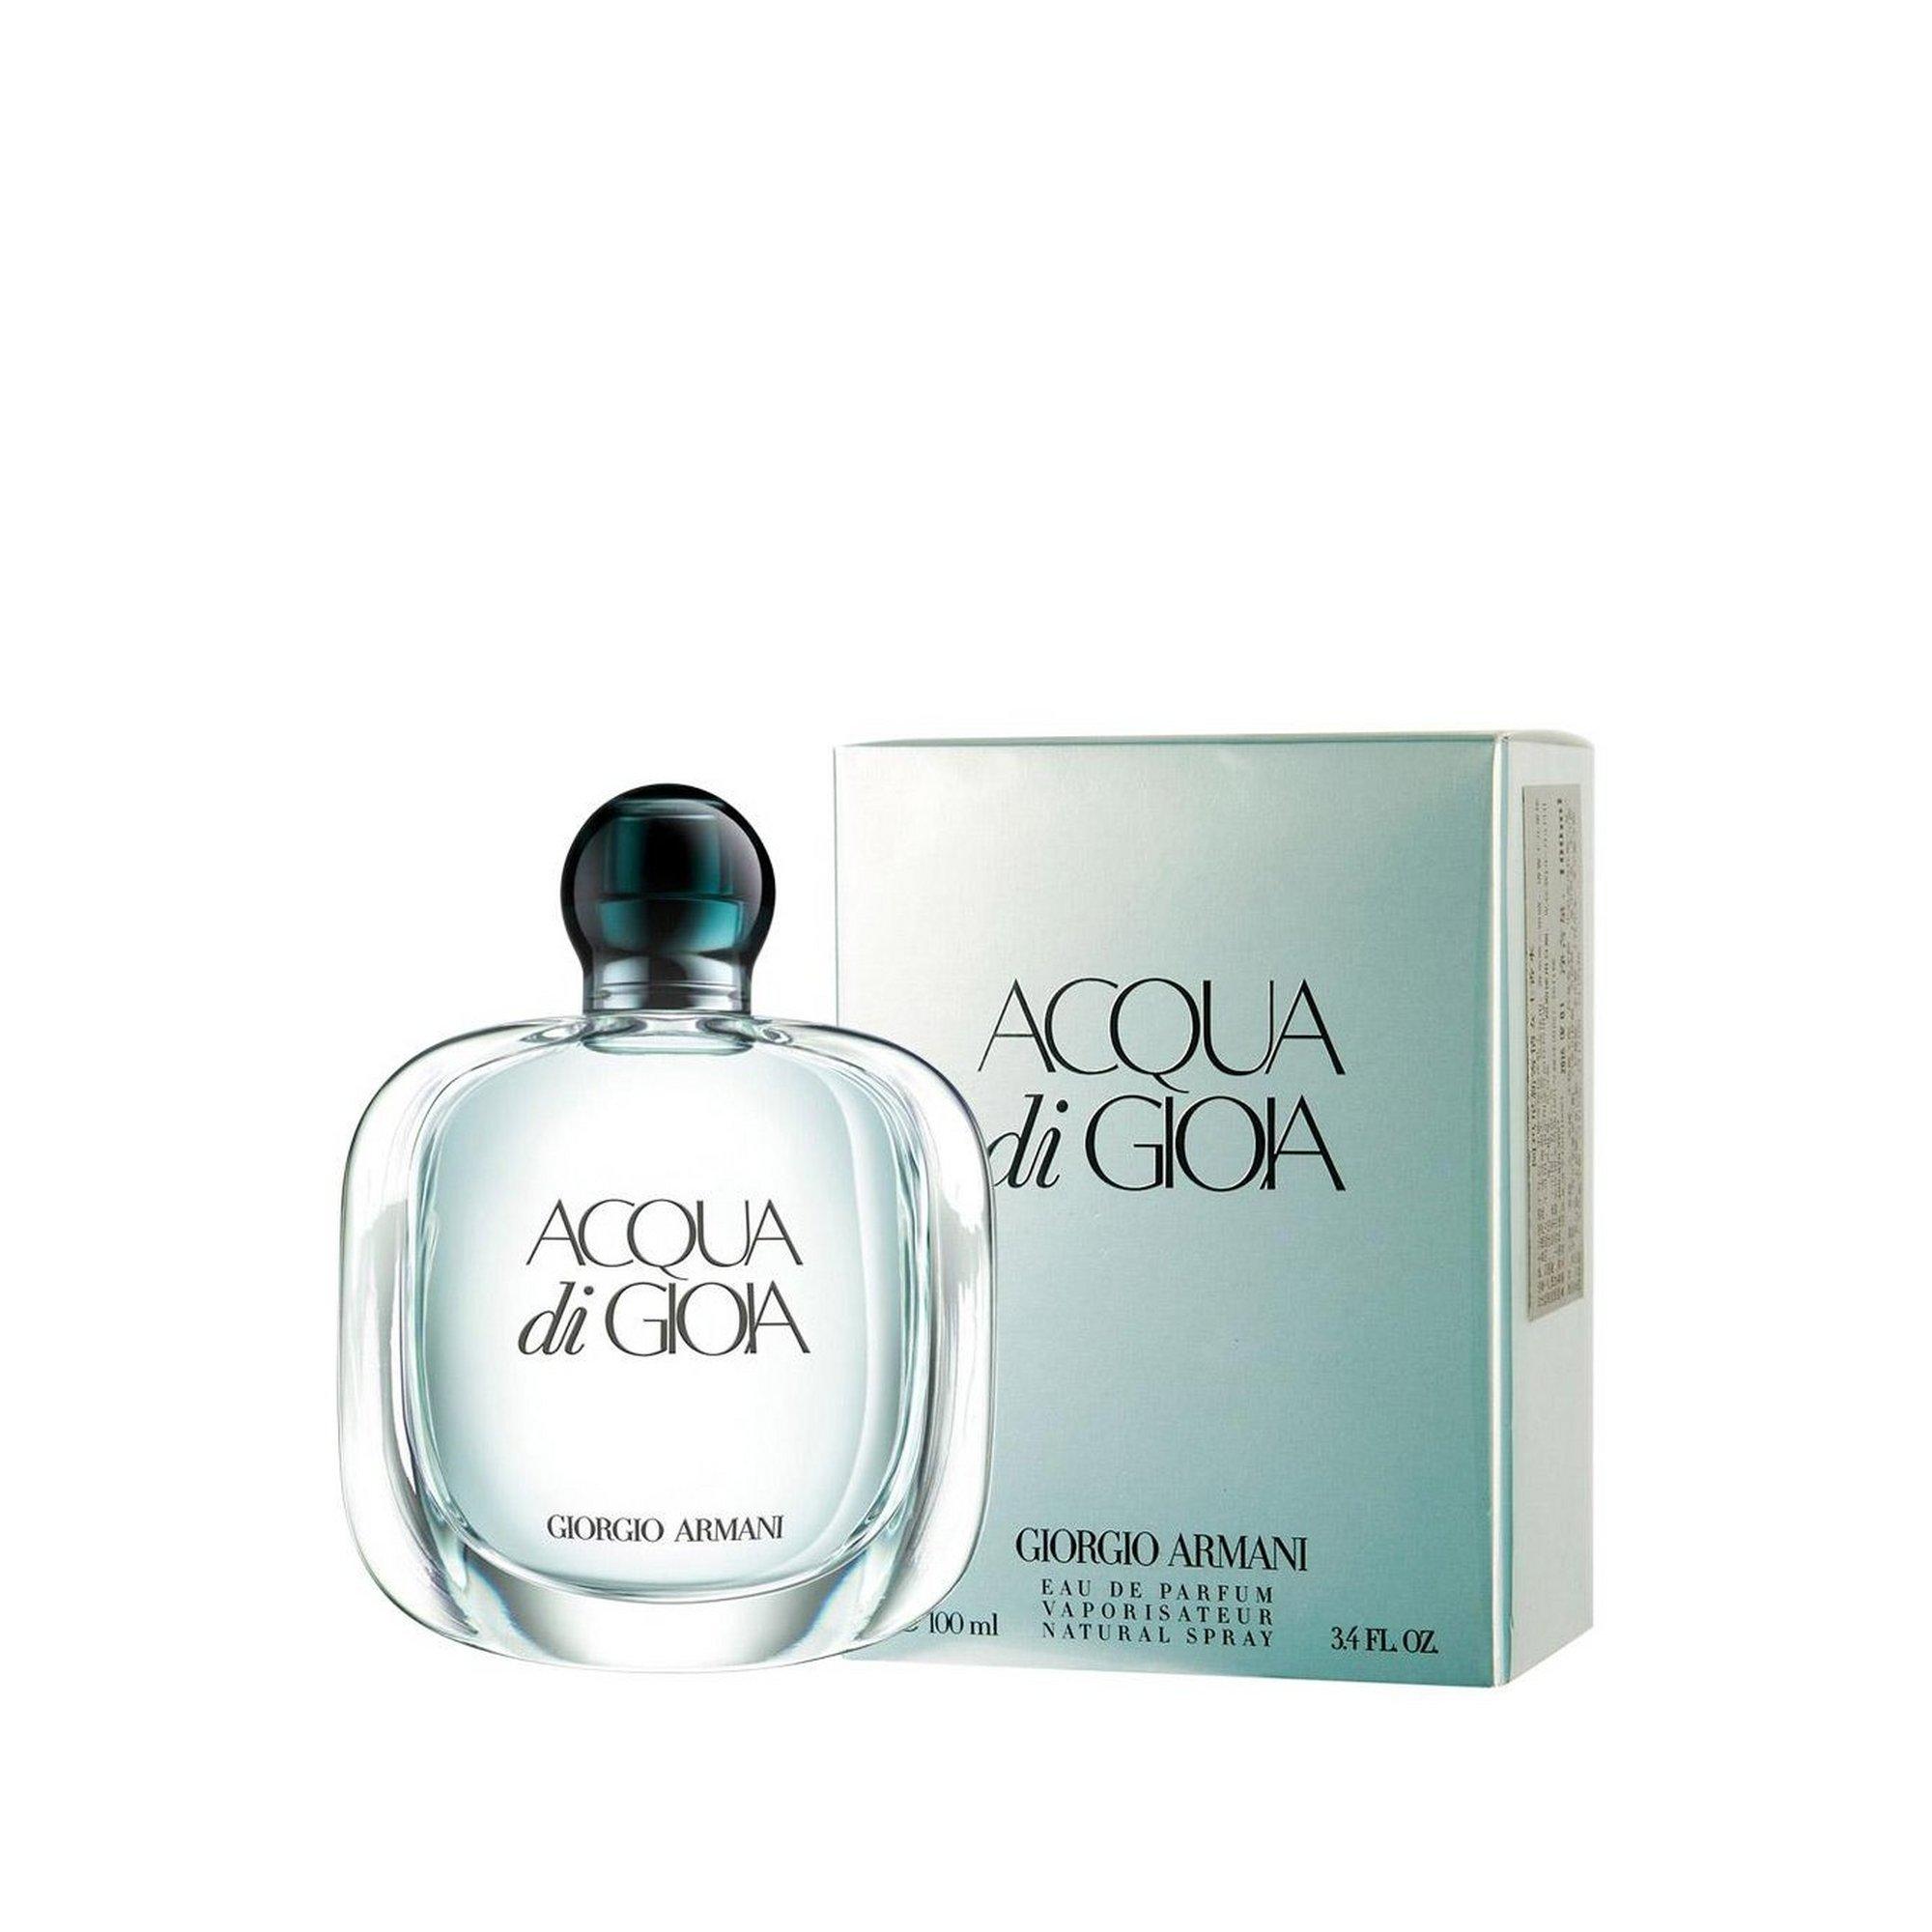 Image of Armani Acqua Di Gioia 50ml Eau De Parfum